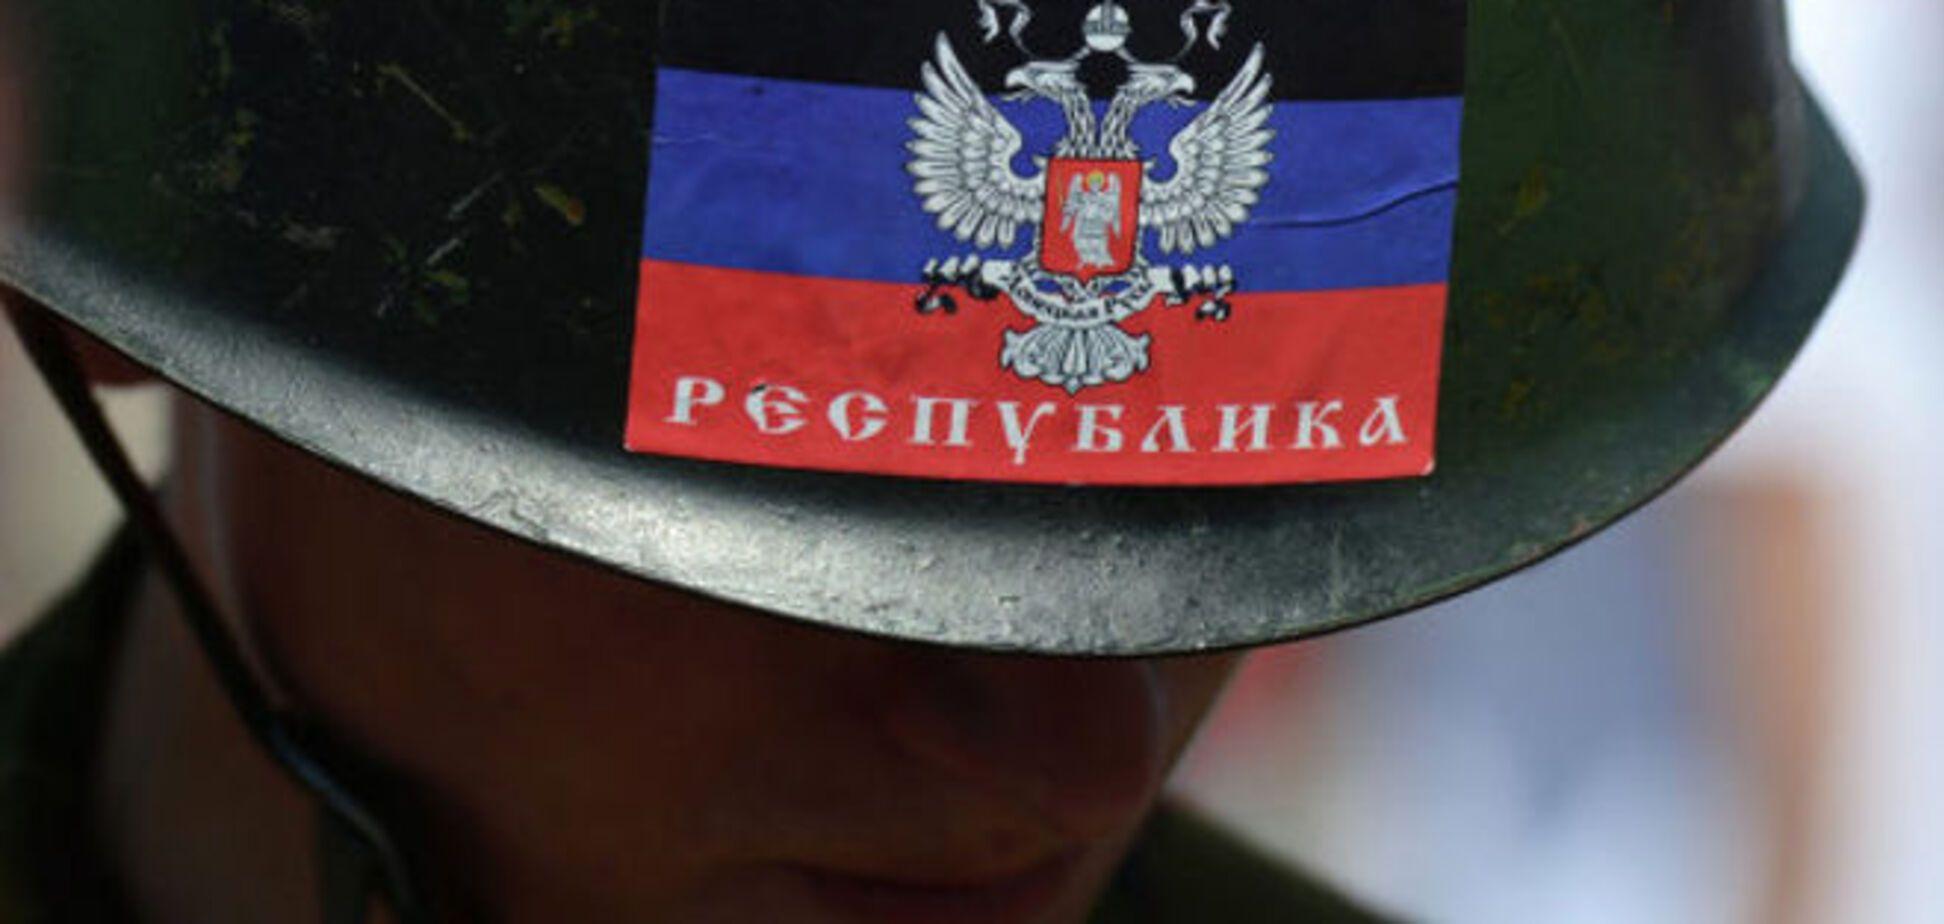 Последние дни 'ДНР' и 'ЛНР'